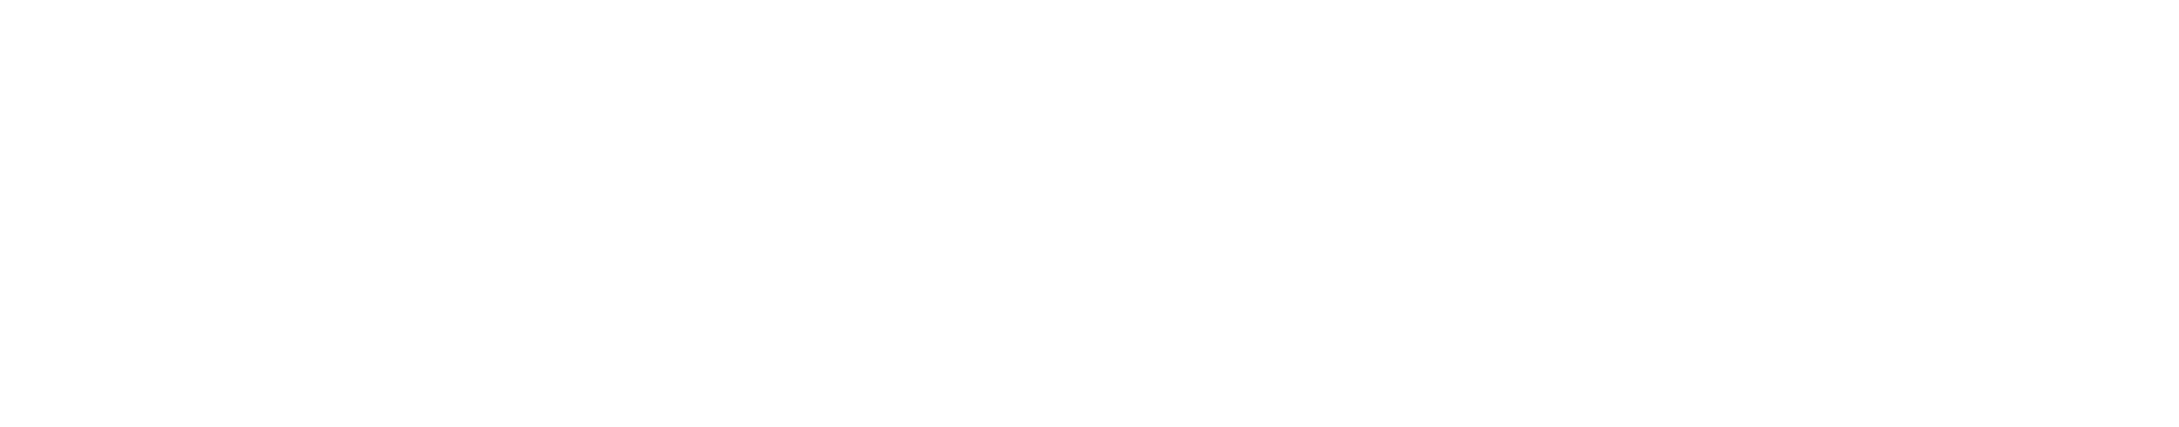 草原風蒙古火鍋